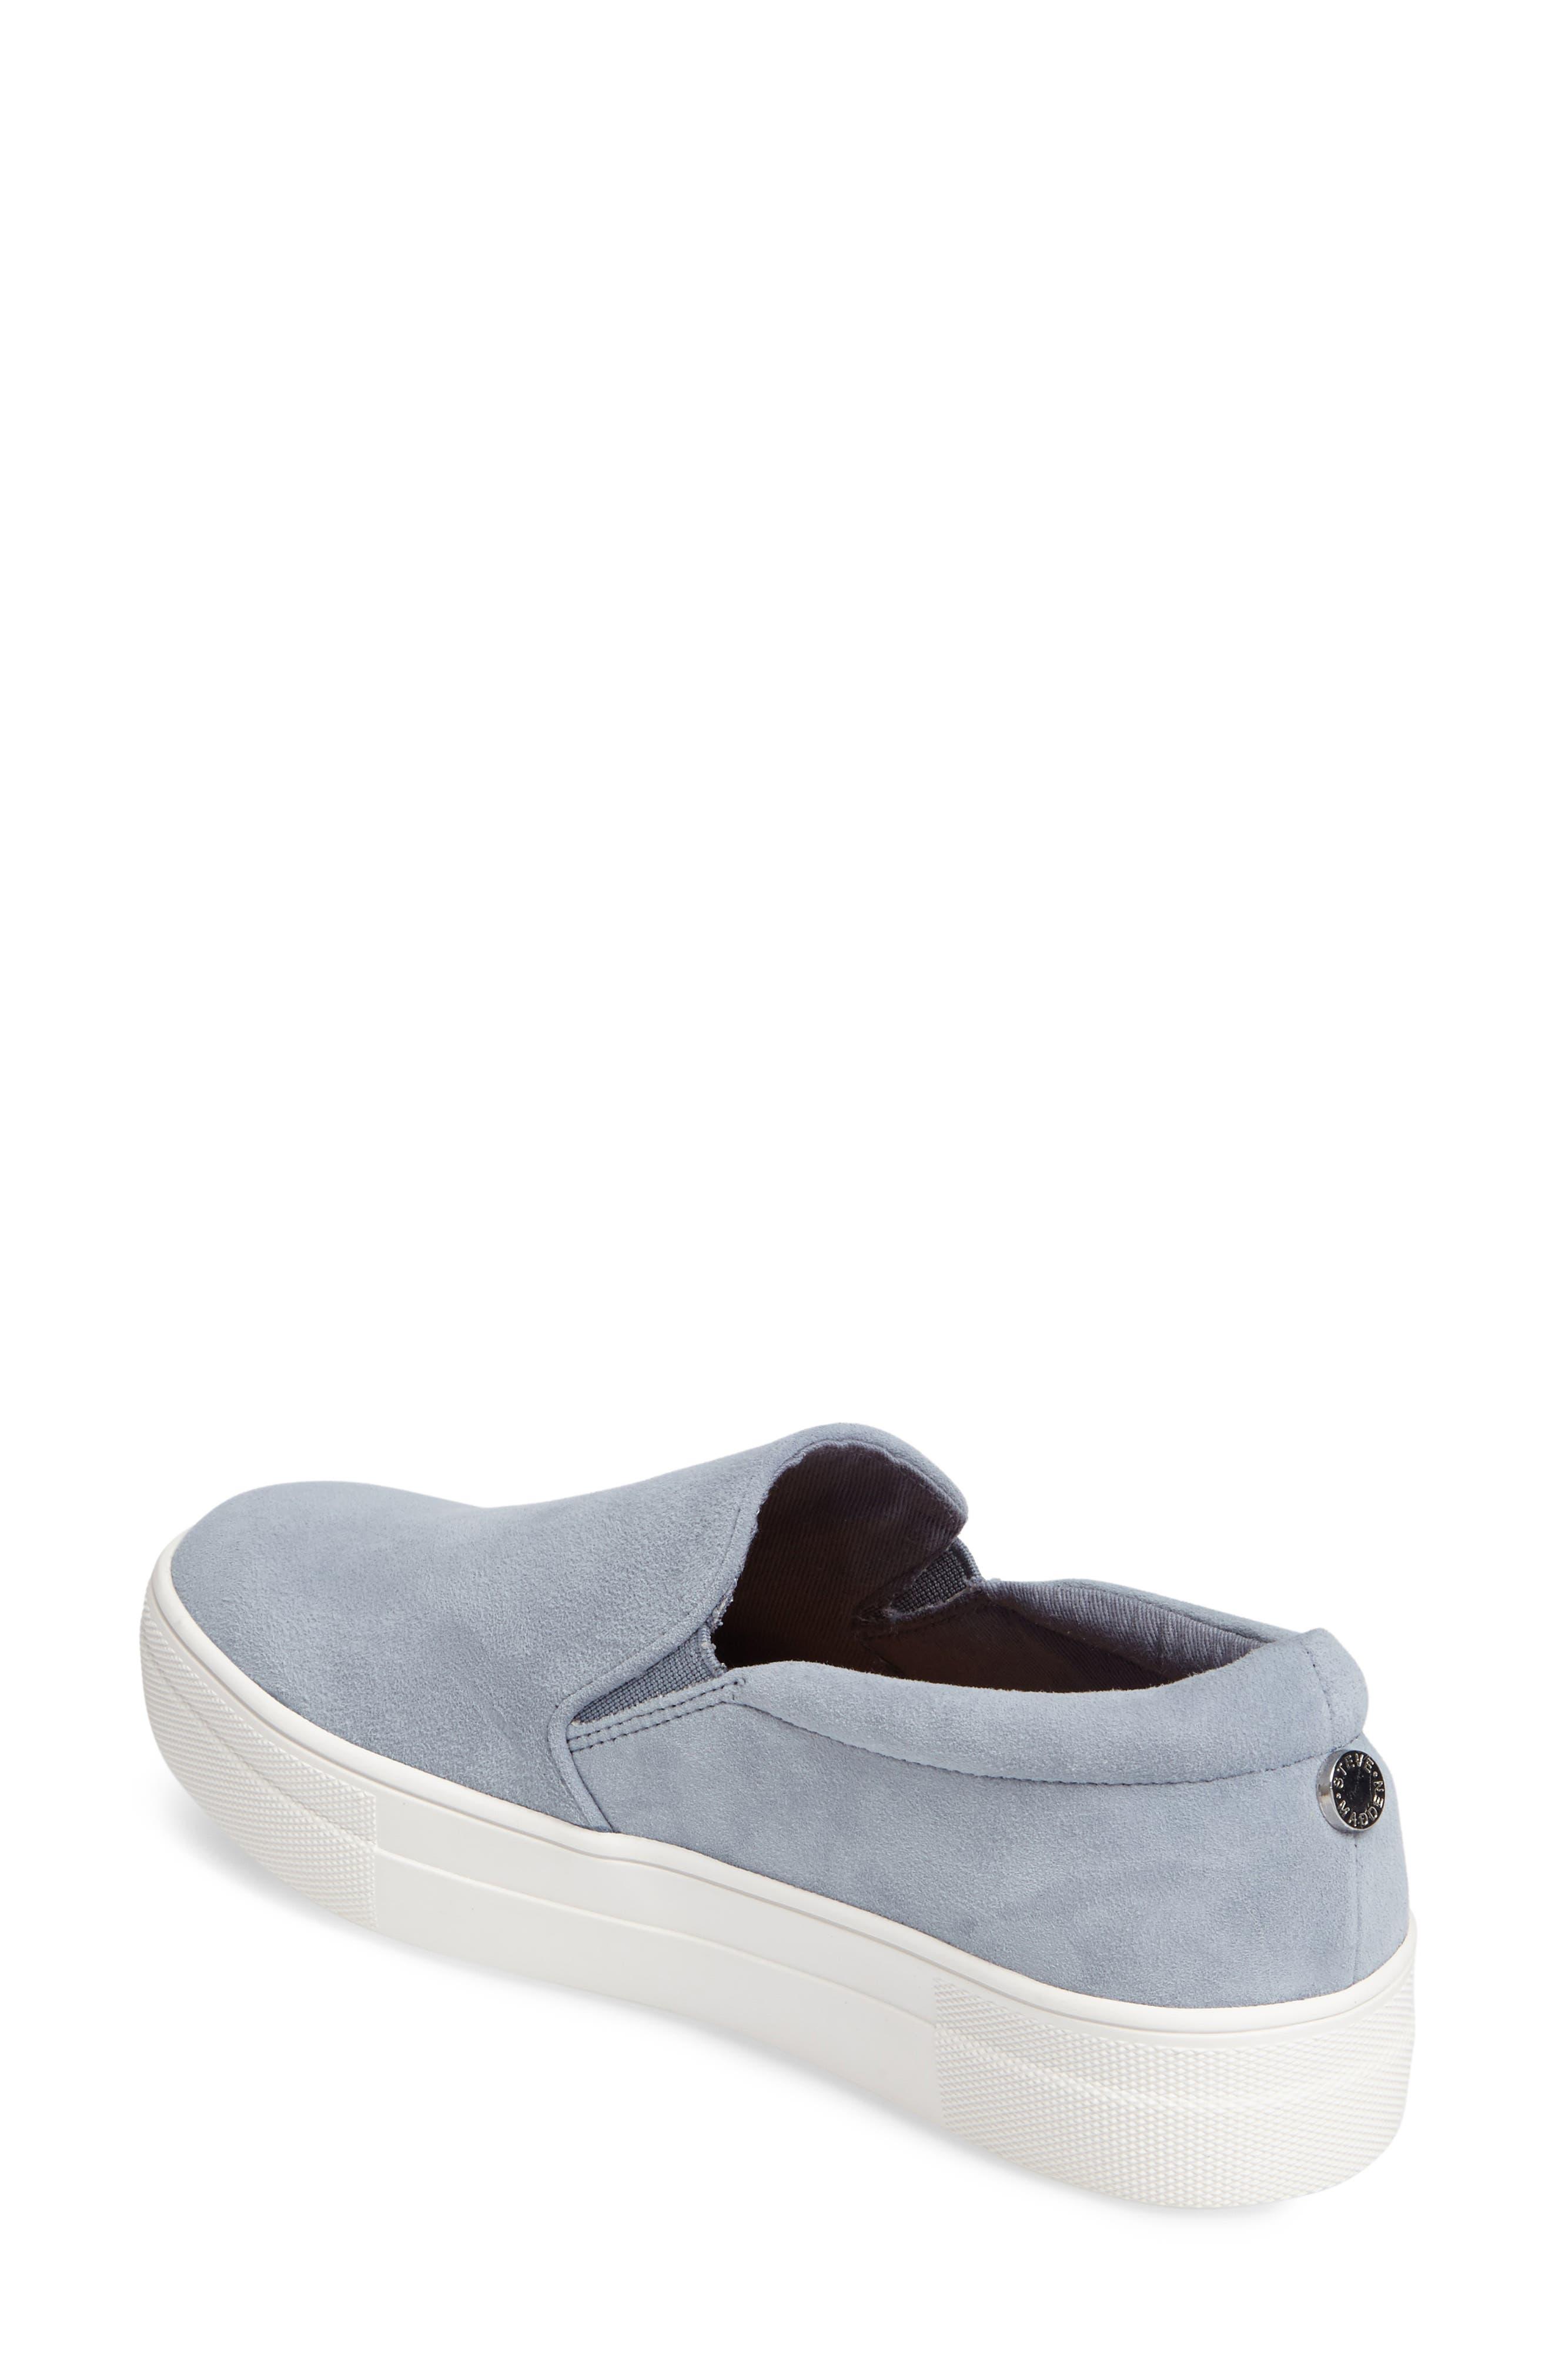 Gills Platform Slip-On Sneaker,                             Alternate thumbnail 2, color,                             Light Blue